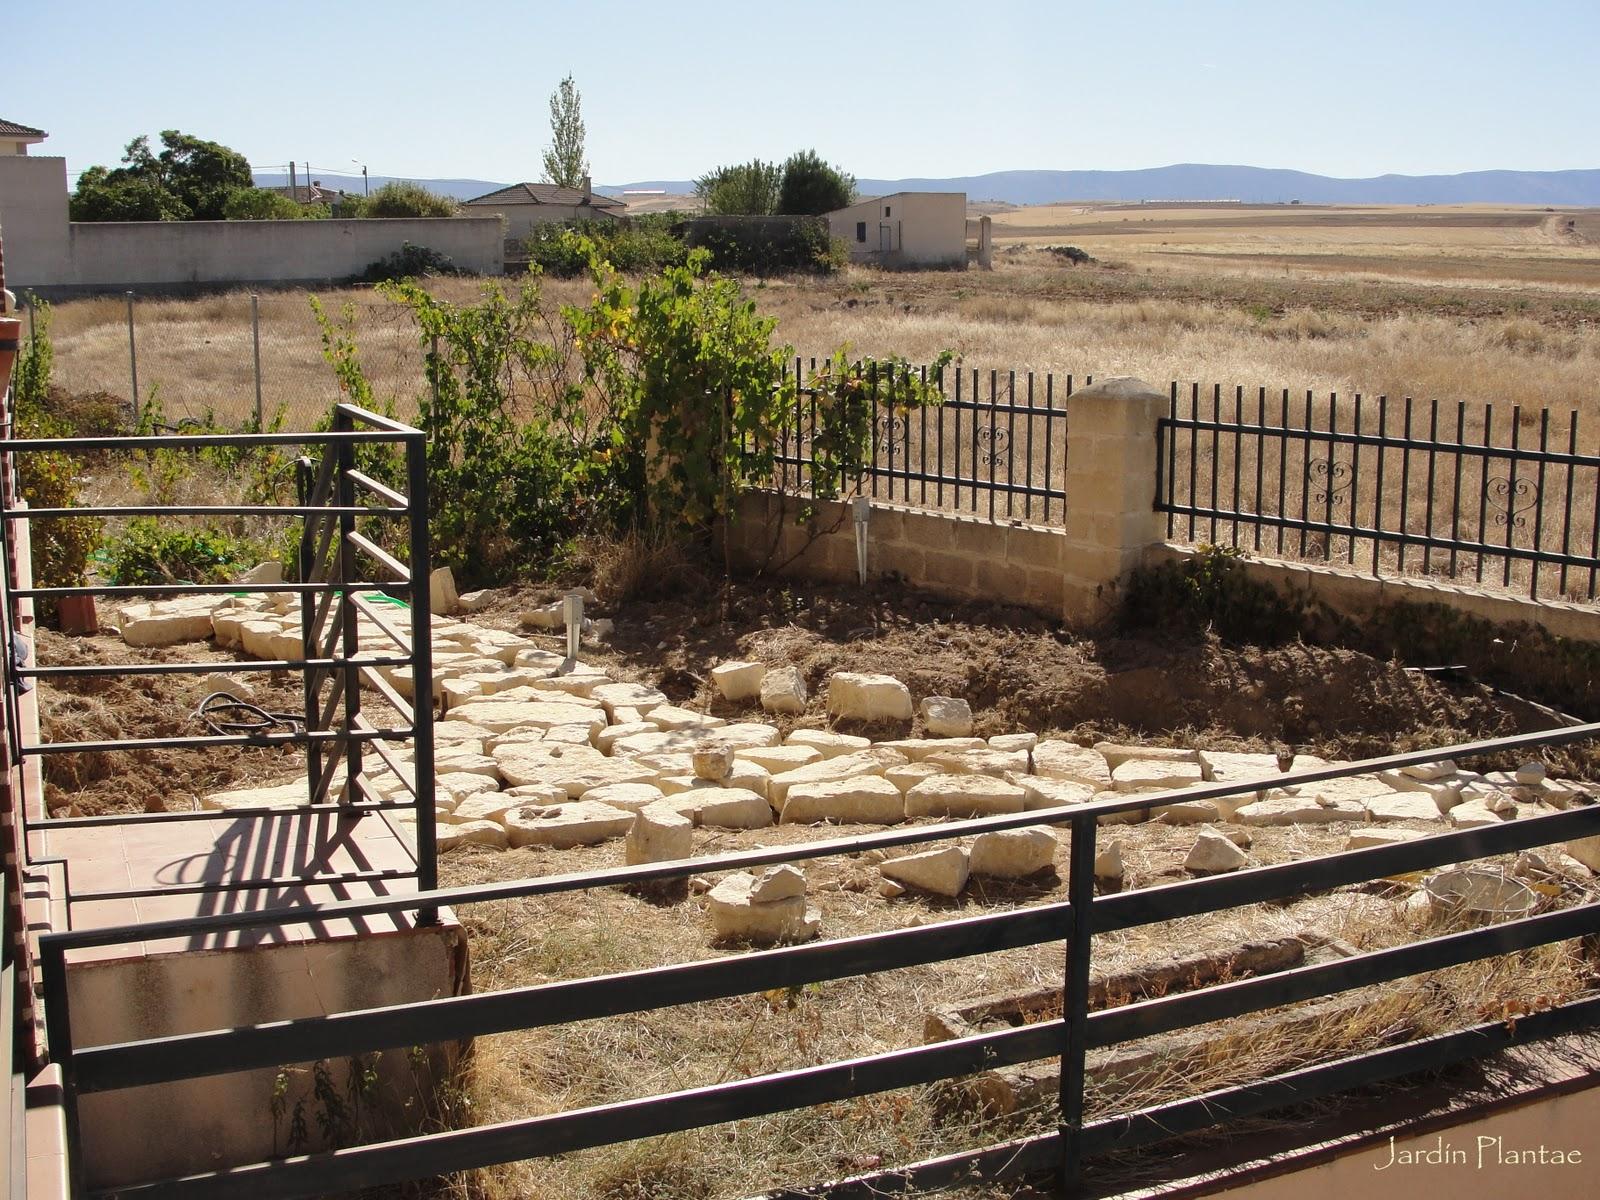 Jardiner a plantae un peque o jard n - Jardin bajo mantenimiento ...